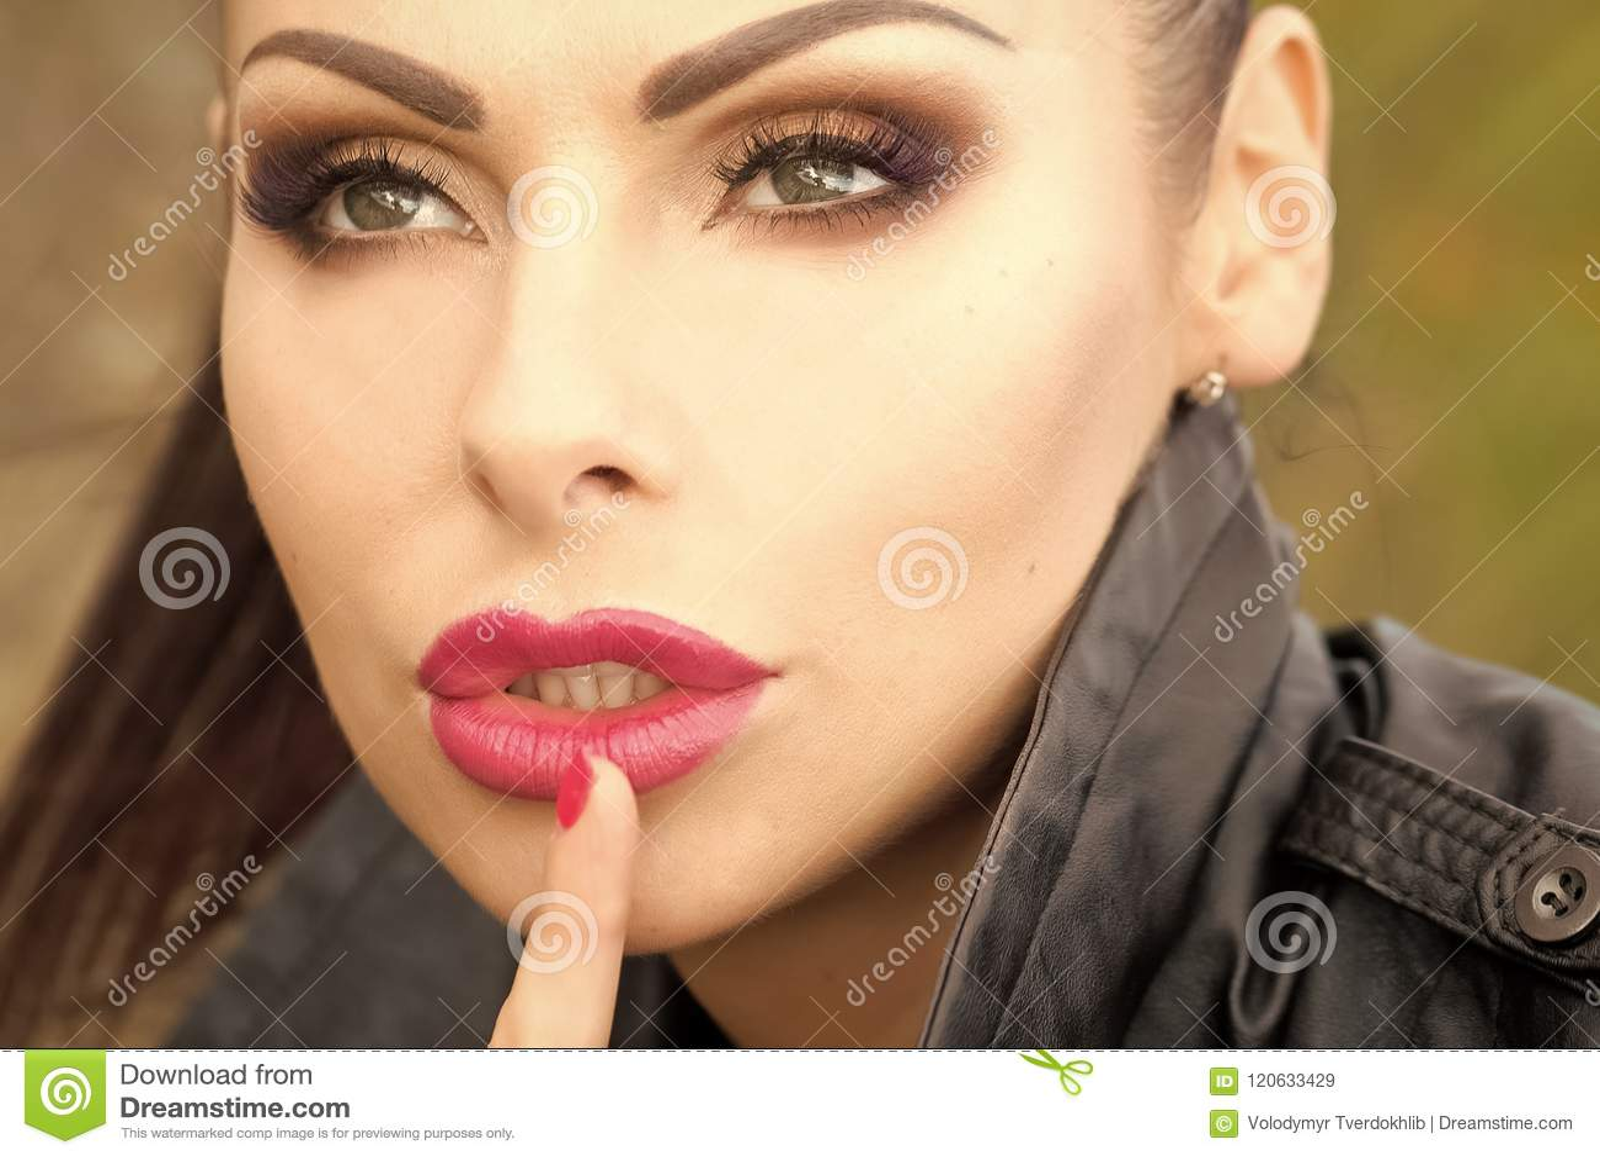 8a938d173714a Muchacha Sensual Mujer Con Gesto Del Silencio Imagen de archivo ...